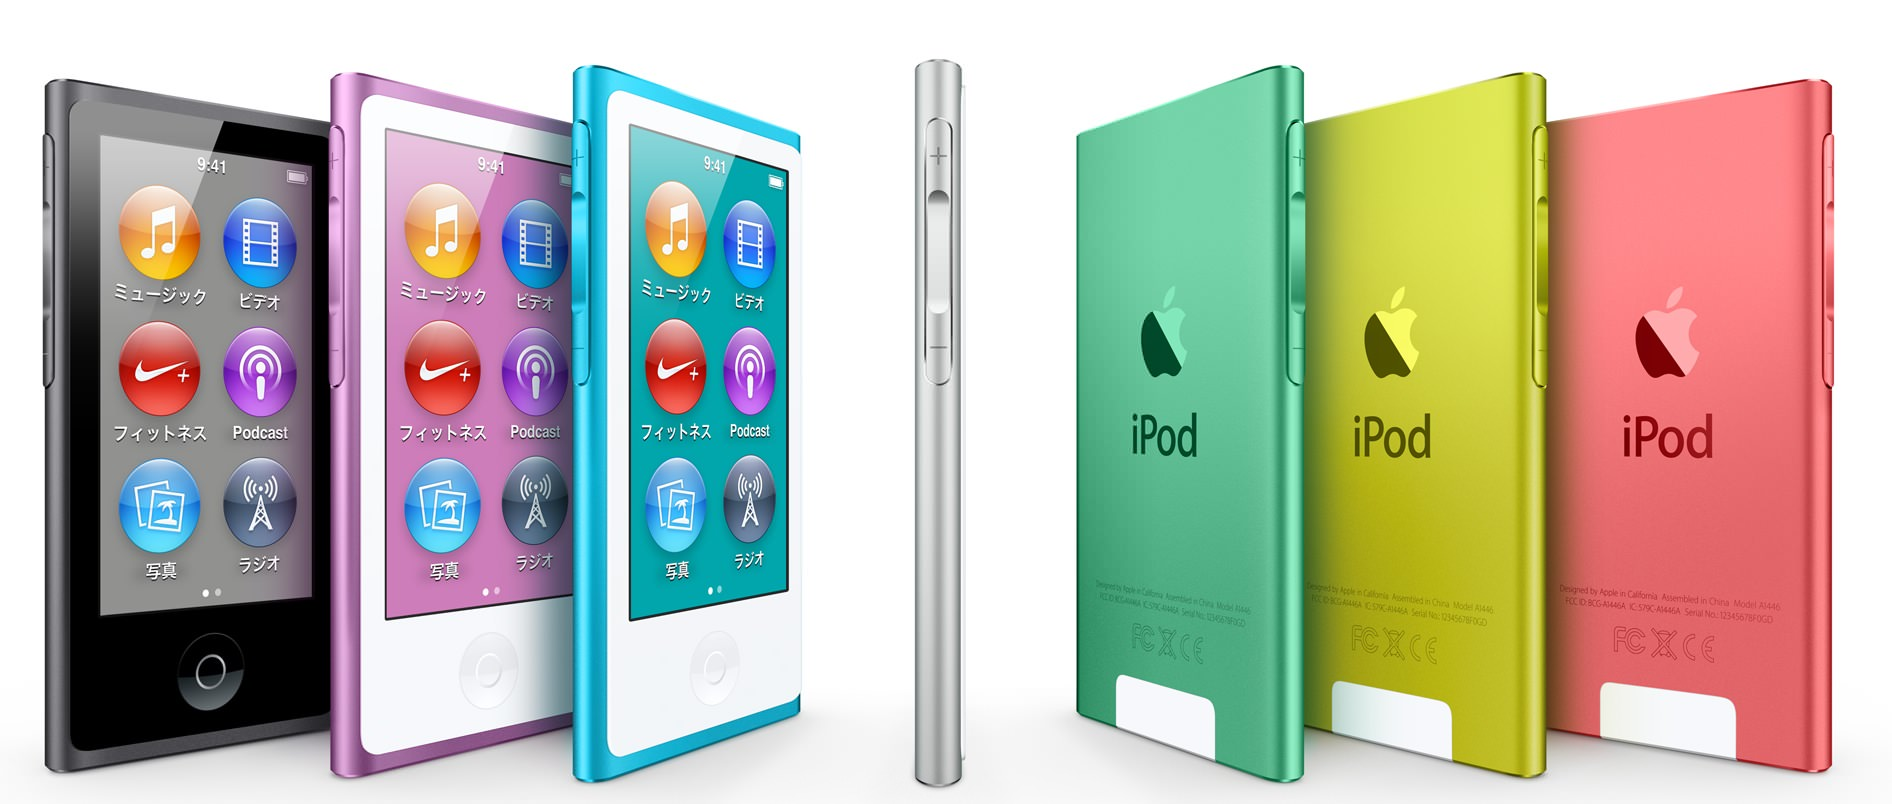 「iPod nano」の新カラー、スペースグレーモデルを撮影したムービー